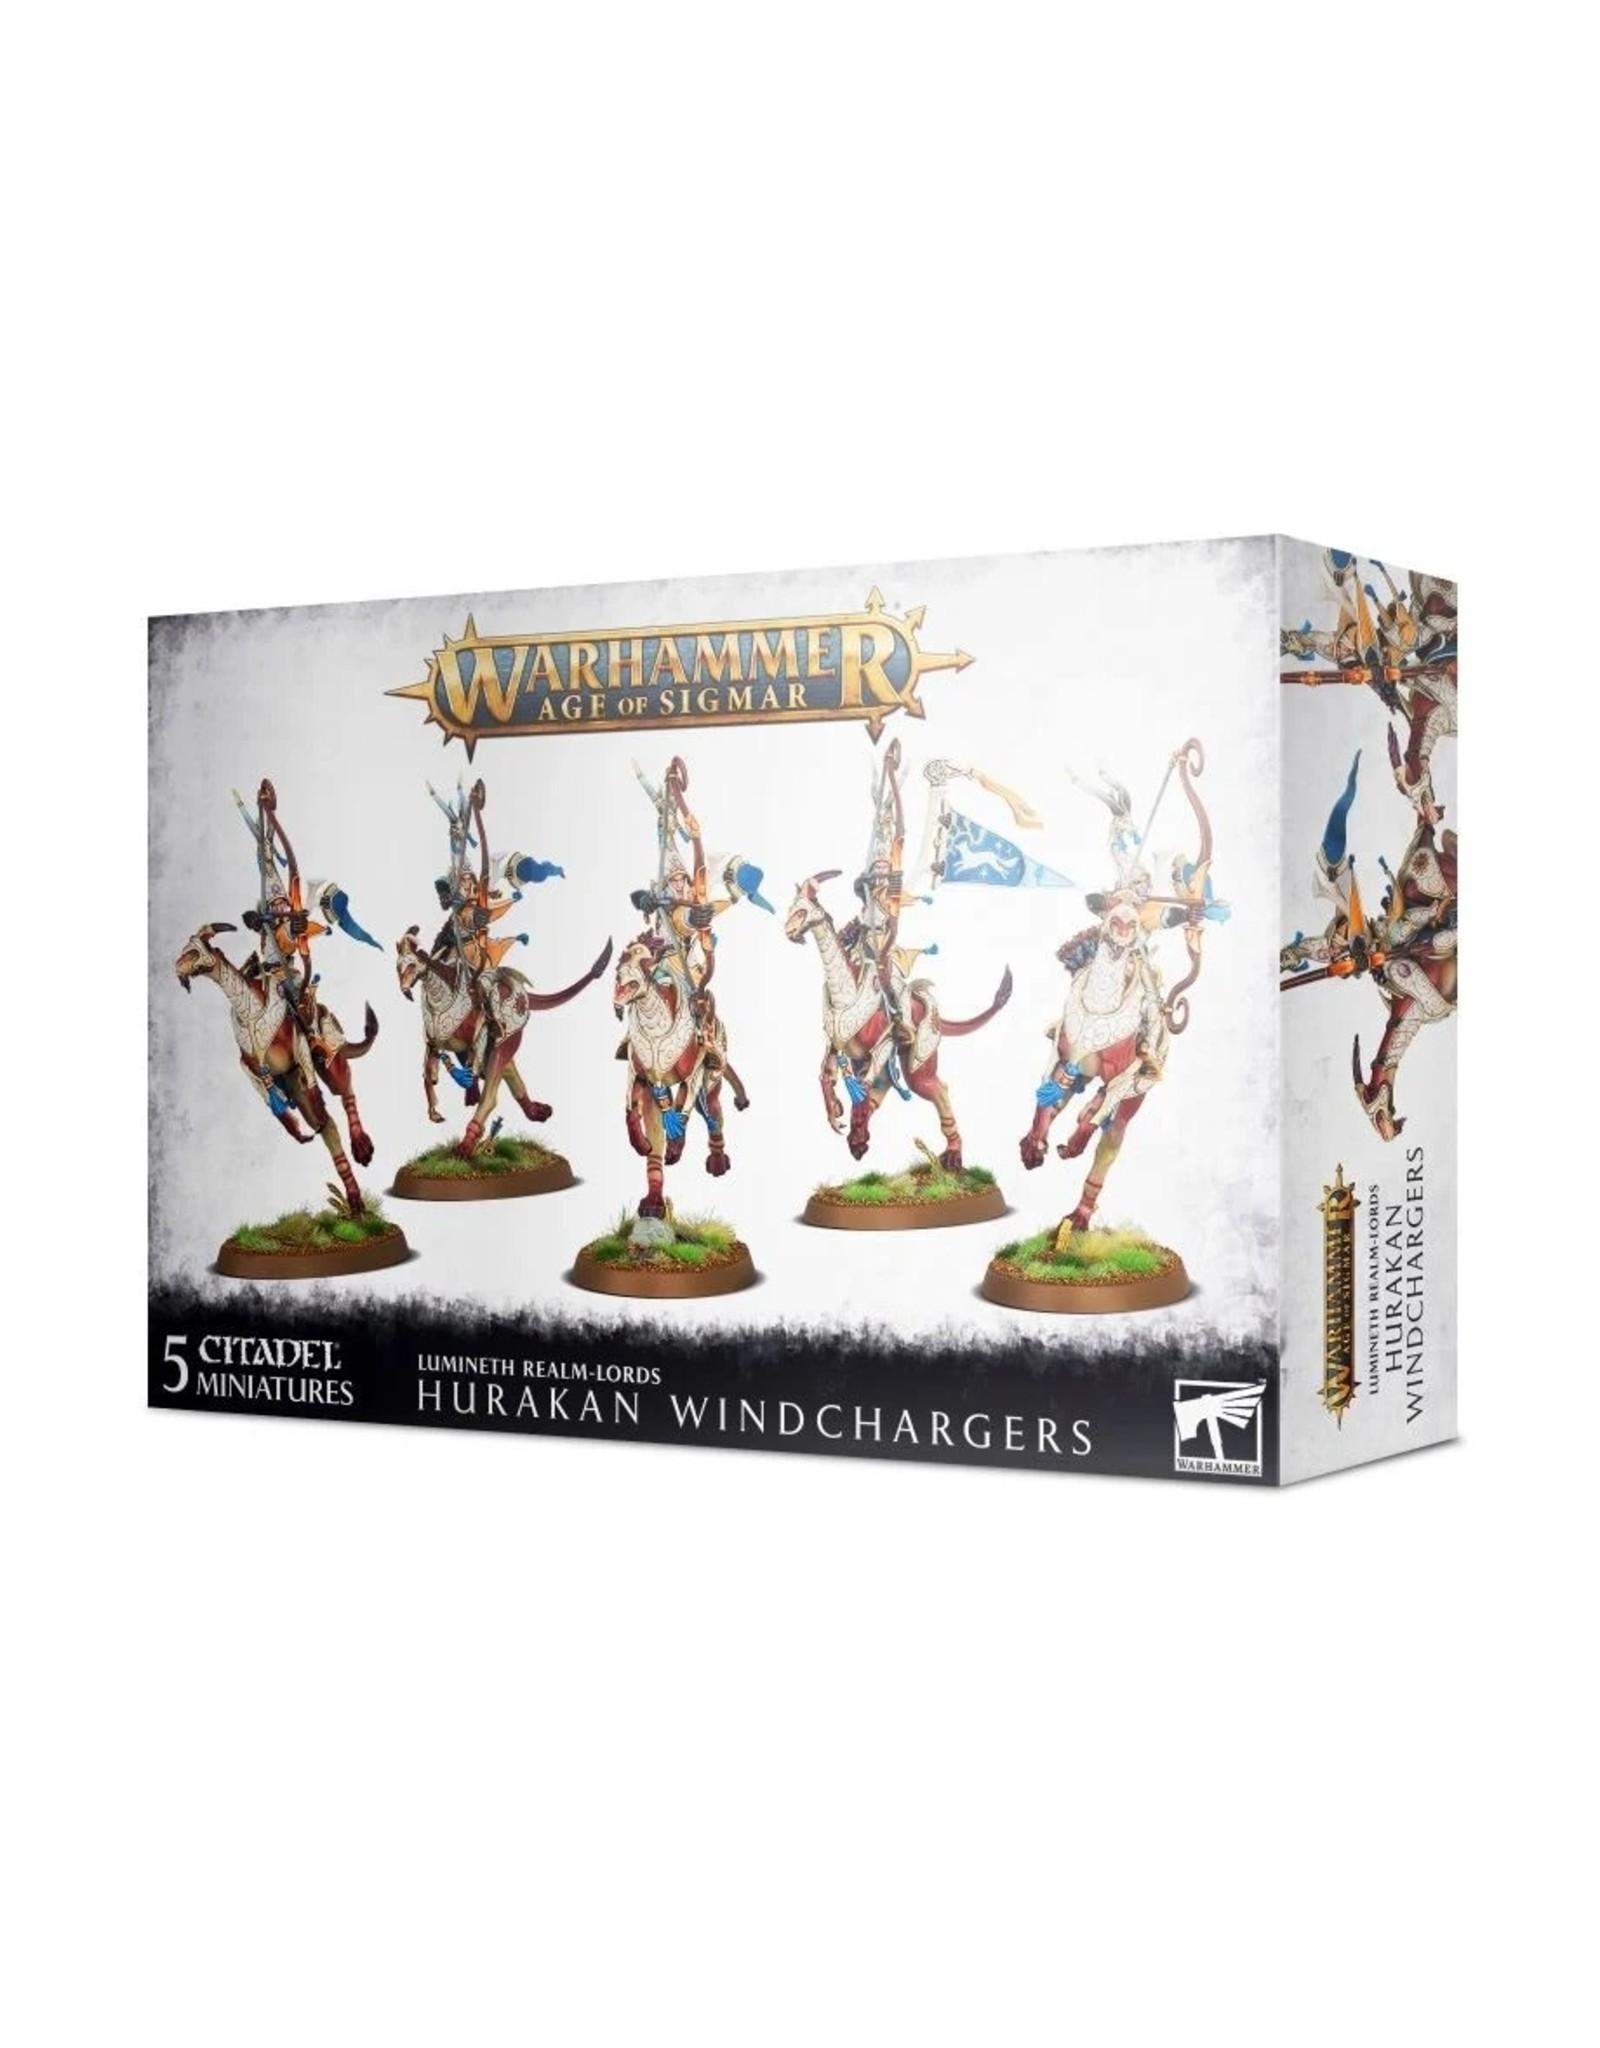 Warhammer AoS WHAoS Lumineth: Hurakan Windchargers